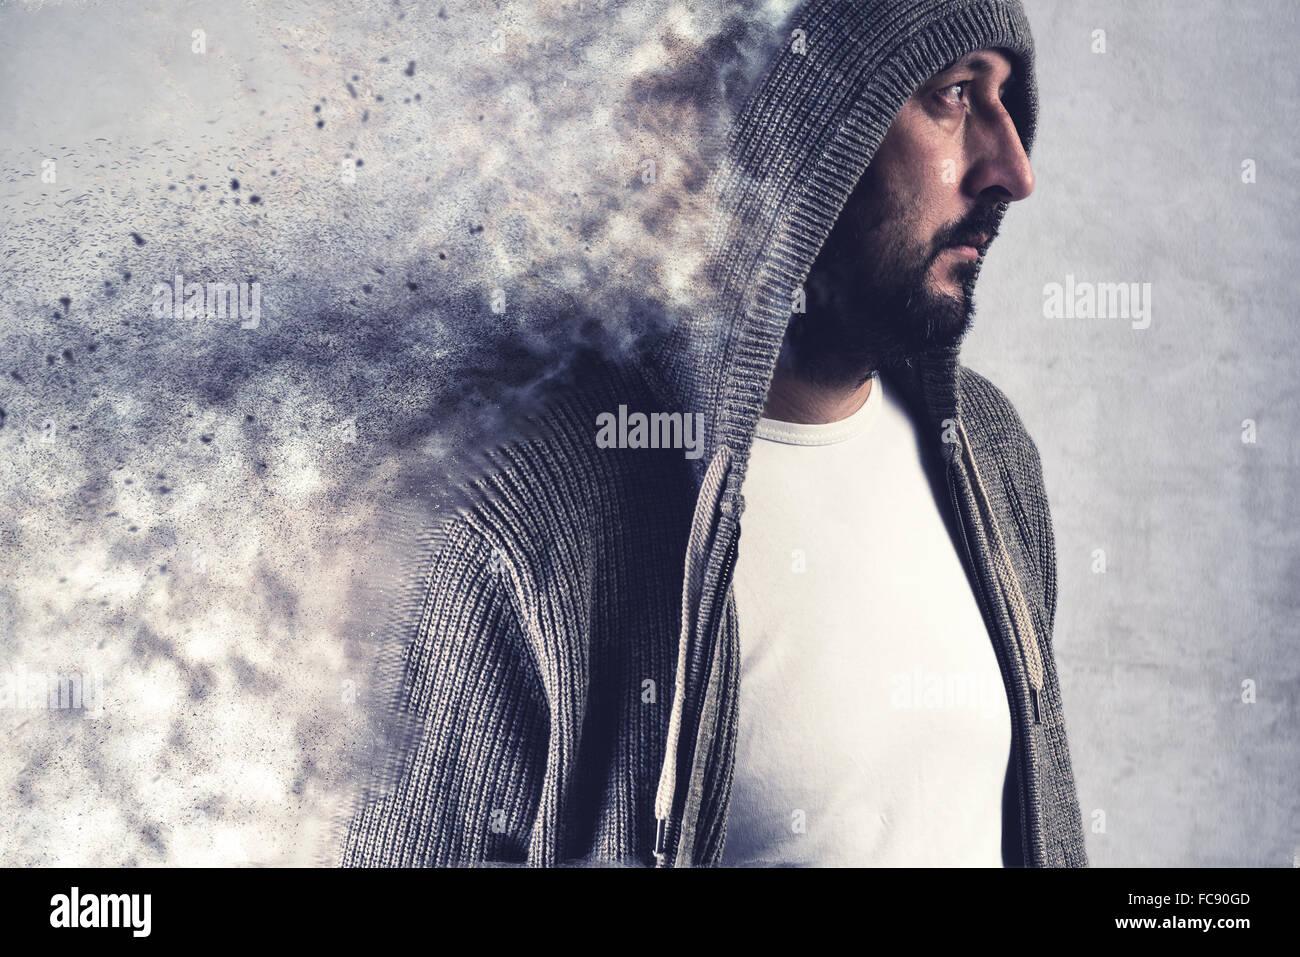 Homme caucasain barbus adultes dissolvant sous stress, conceptual image Photo Stock